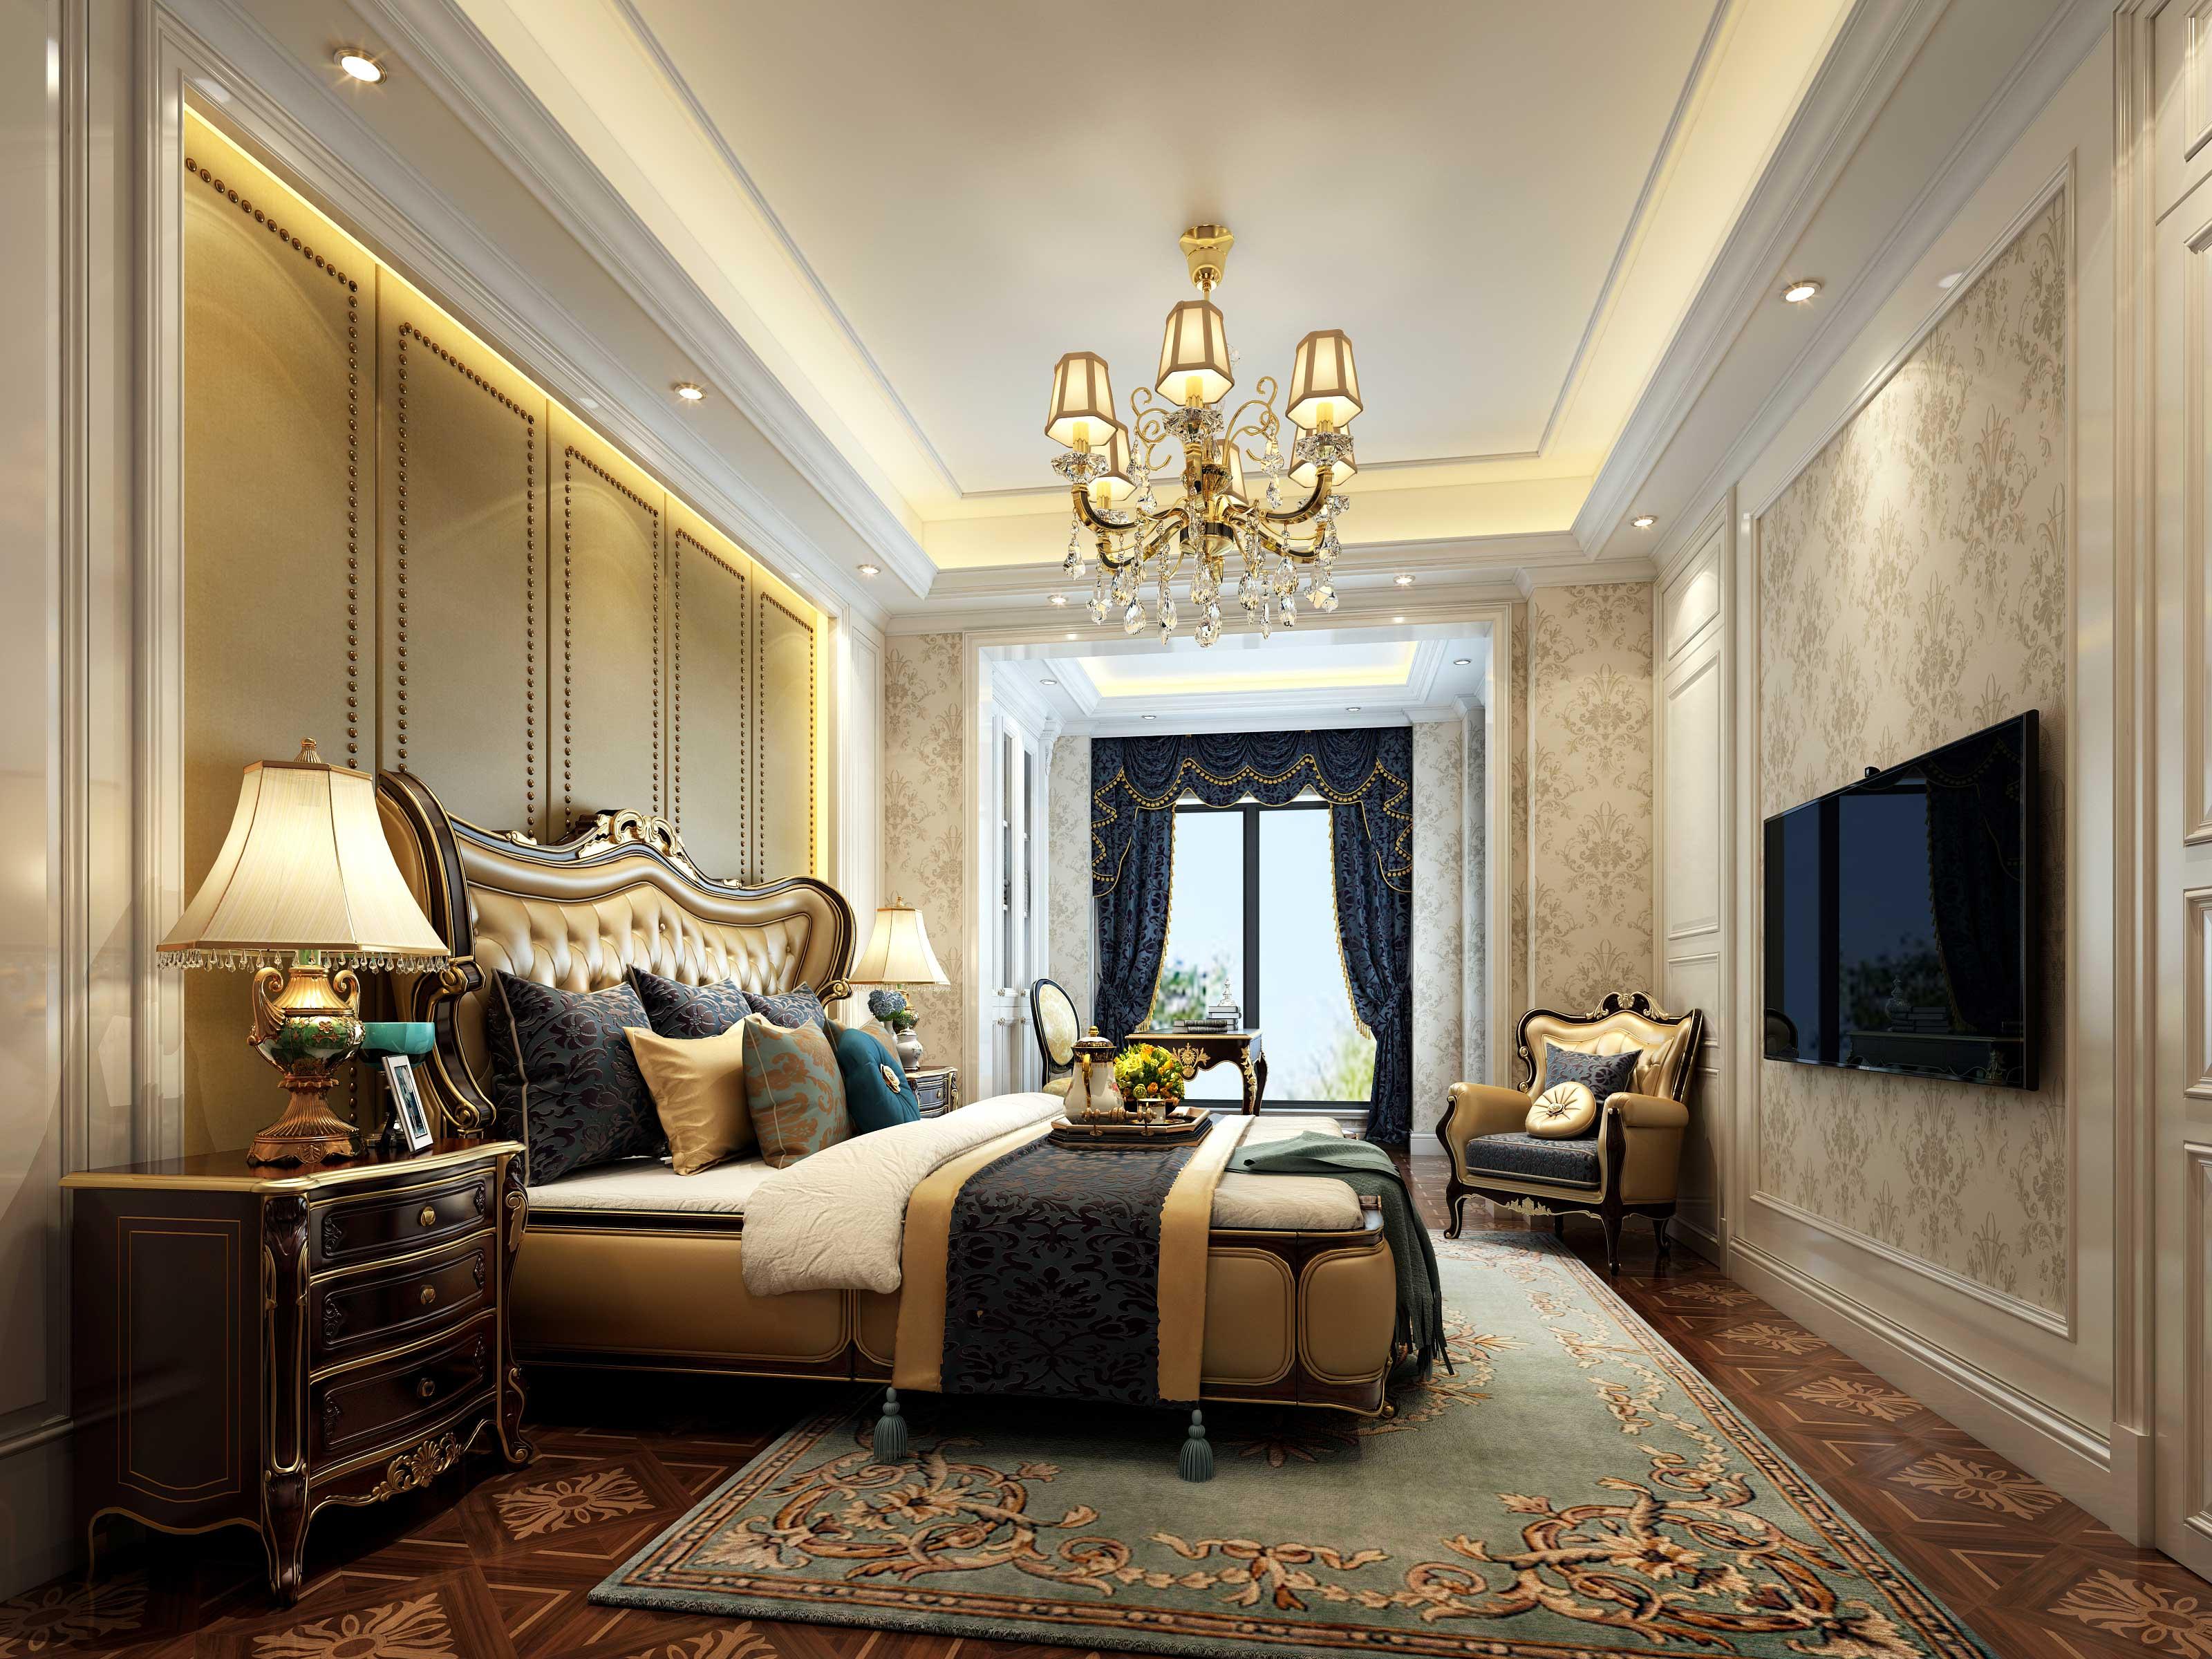 欧式 别墅 收纳 朱平波 卧室图片来自朱平波在长滩壹号——未央的分享